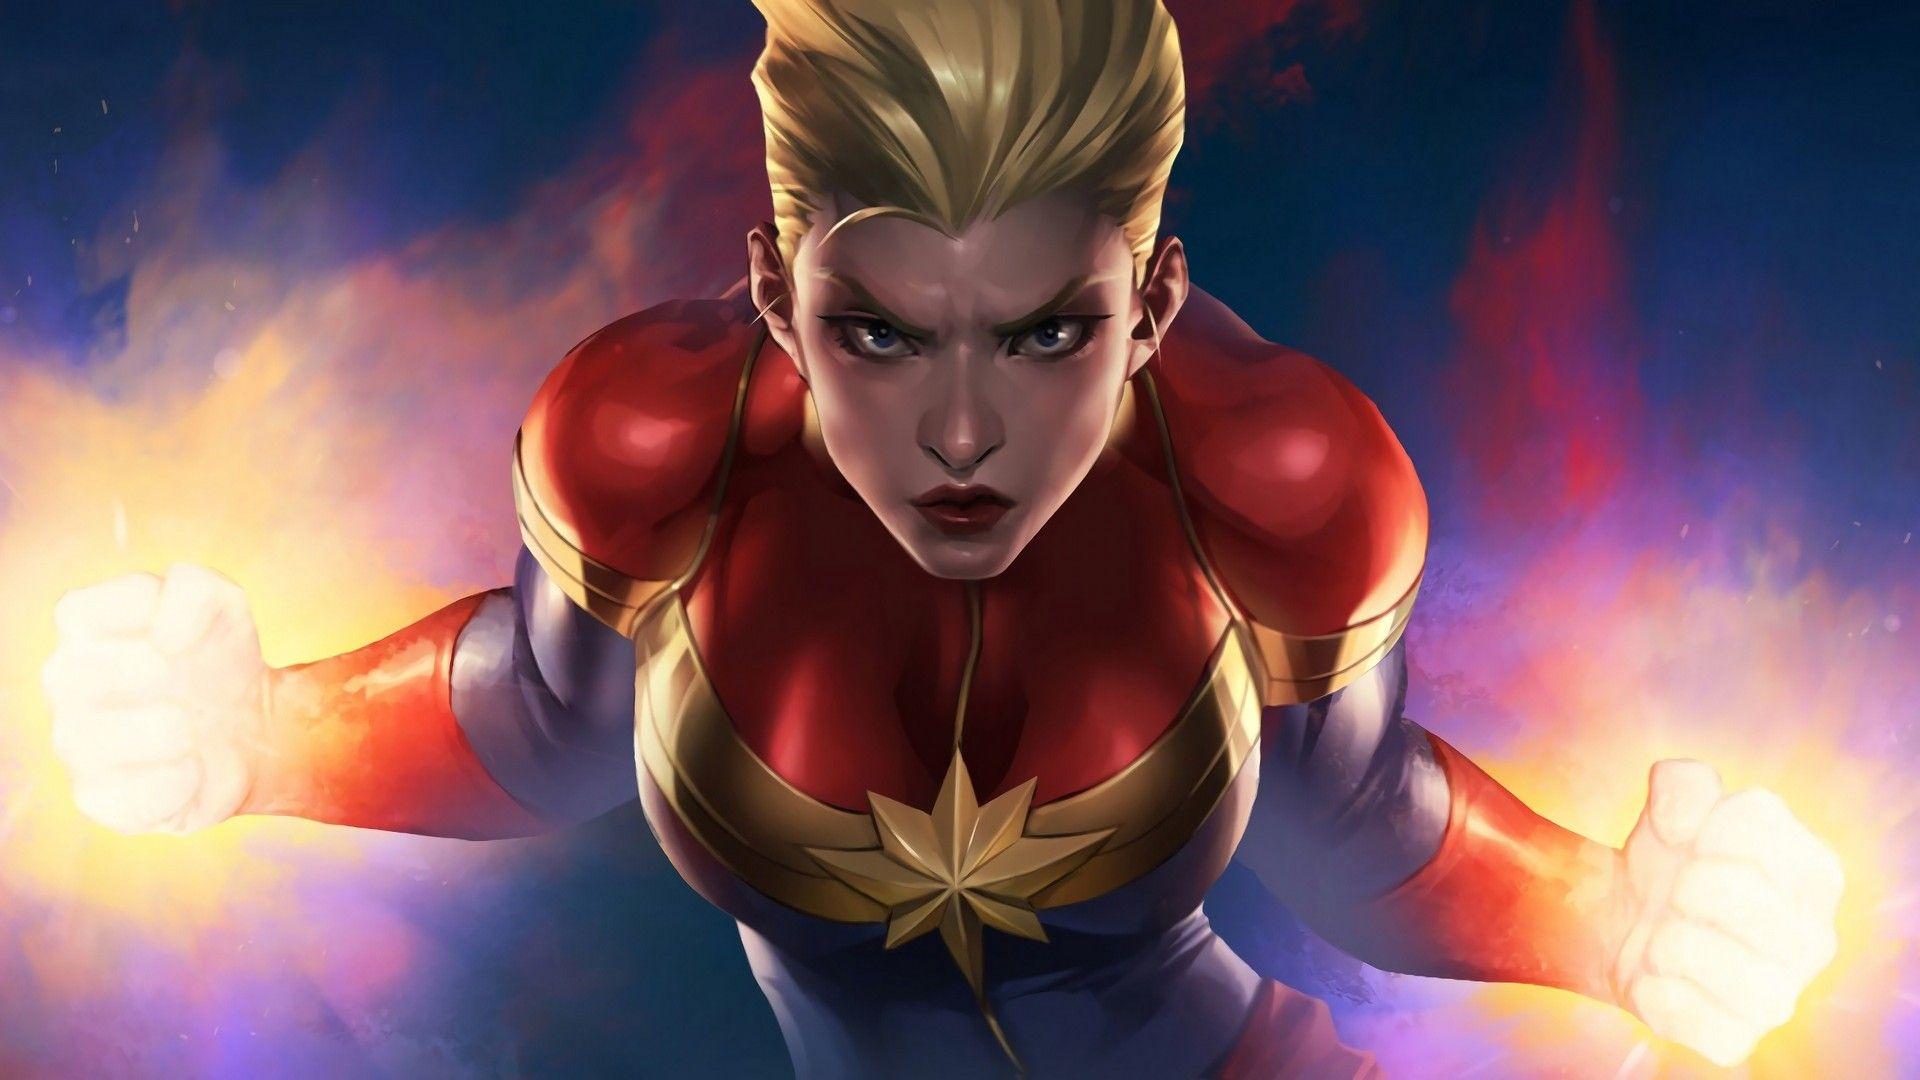 Captain Marvel full hd 1080p wallpaper